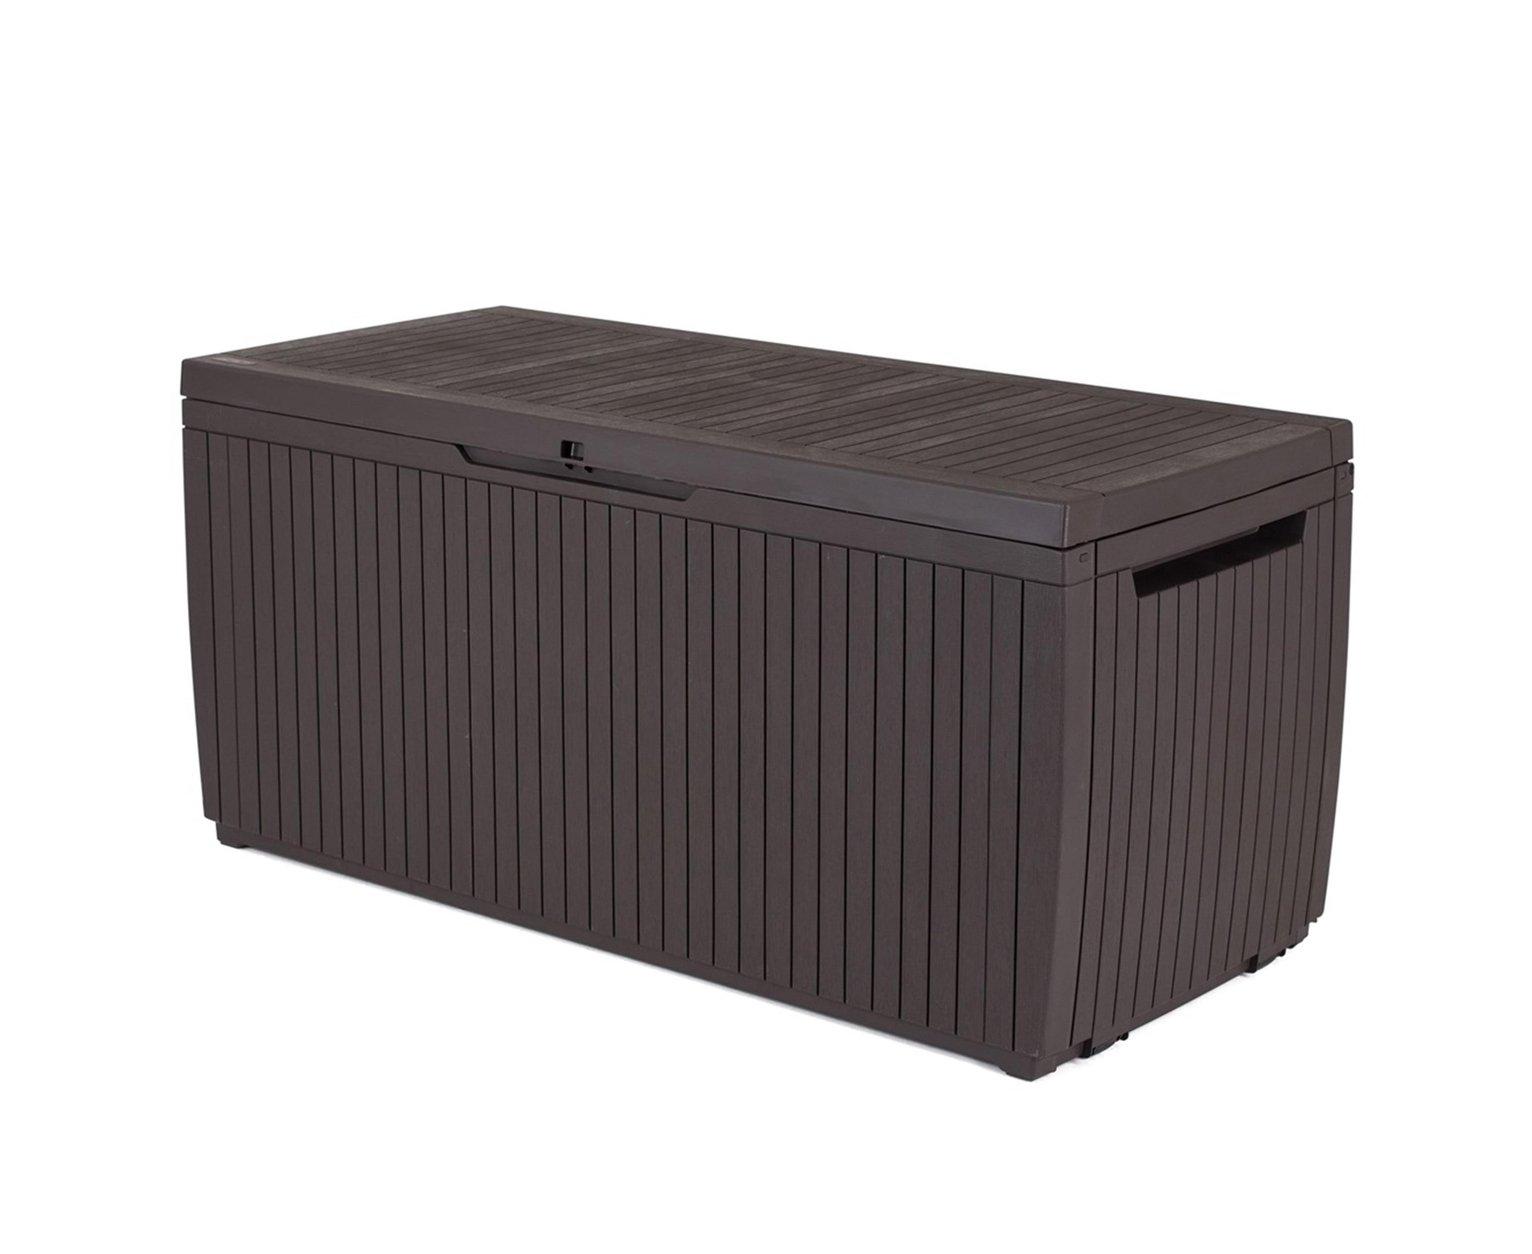 Keter Springwood Garden Storage Box 305L - Brown